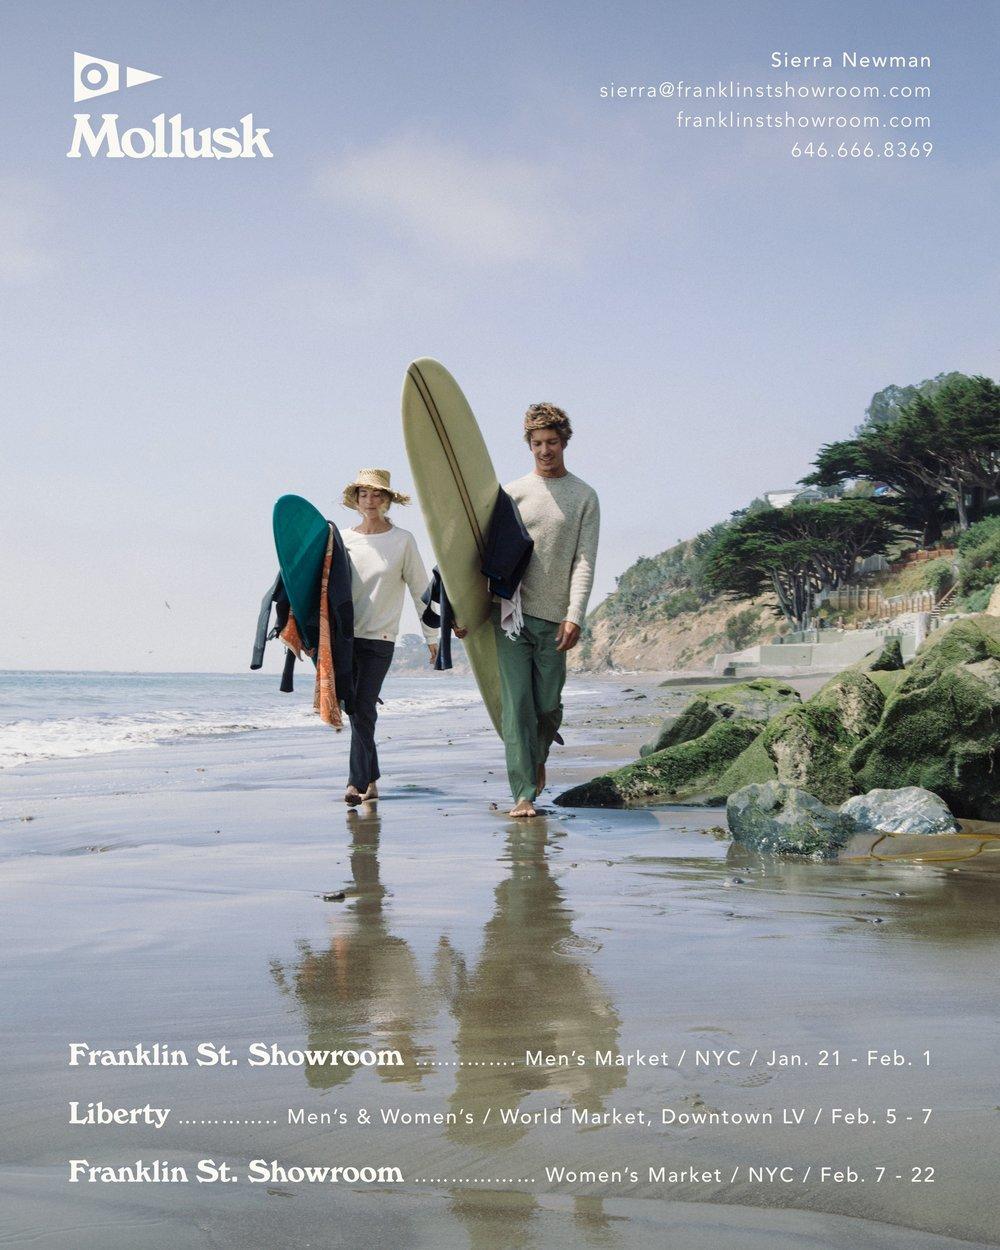 MOLLUSK FALL 2019 INVITE.jpg